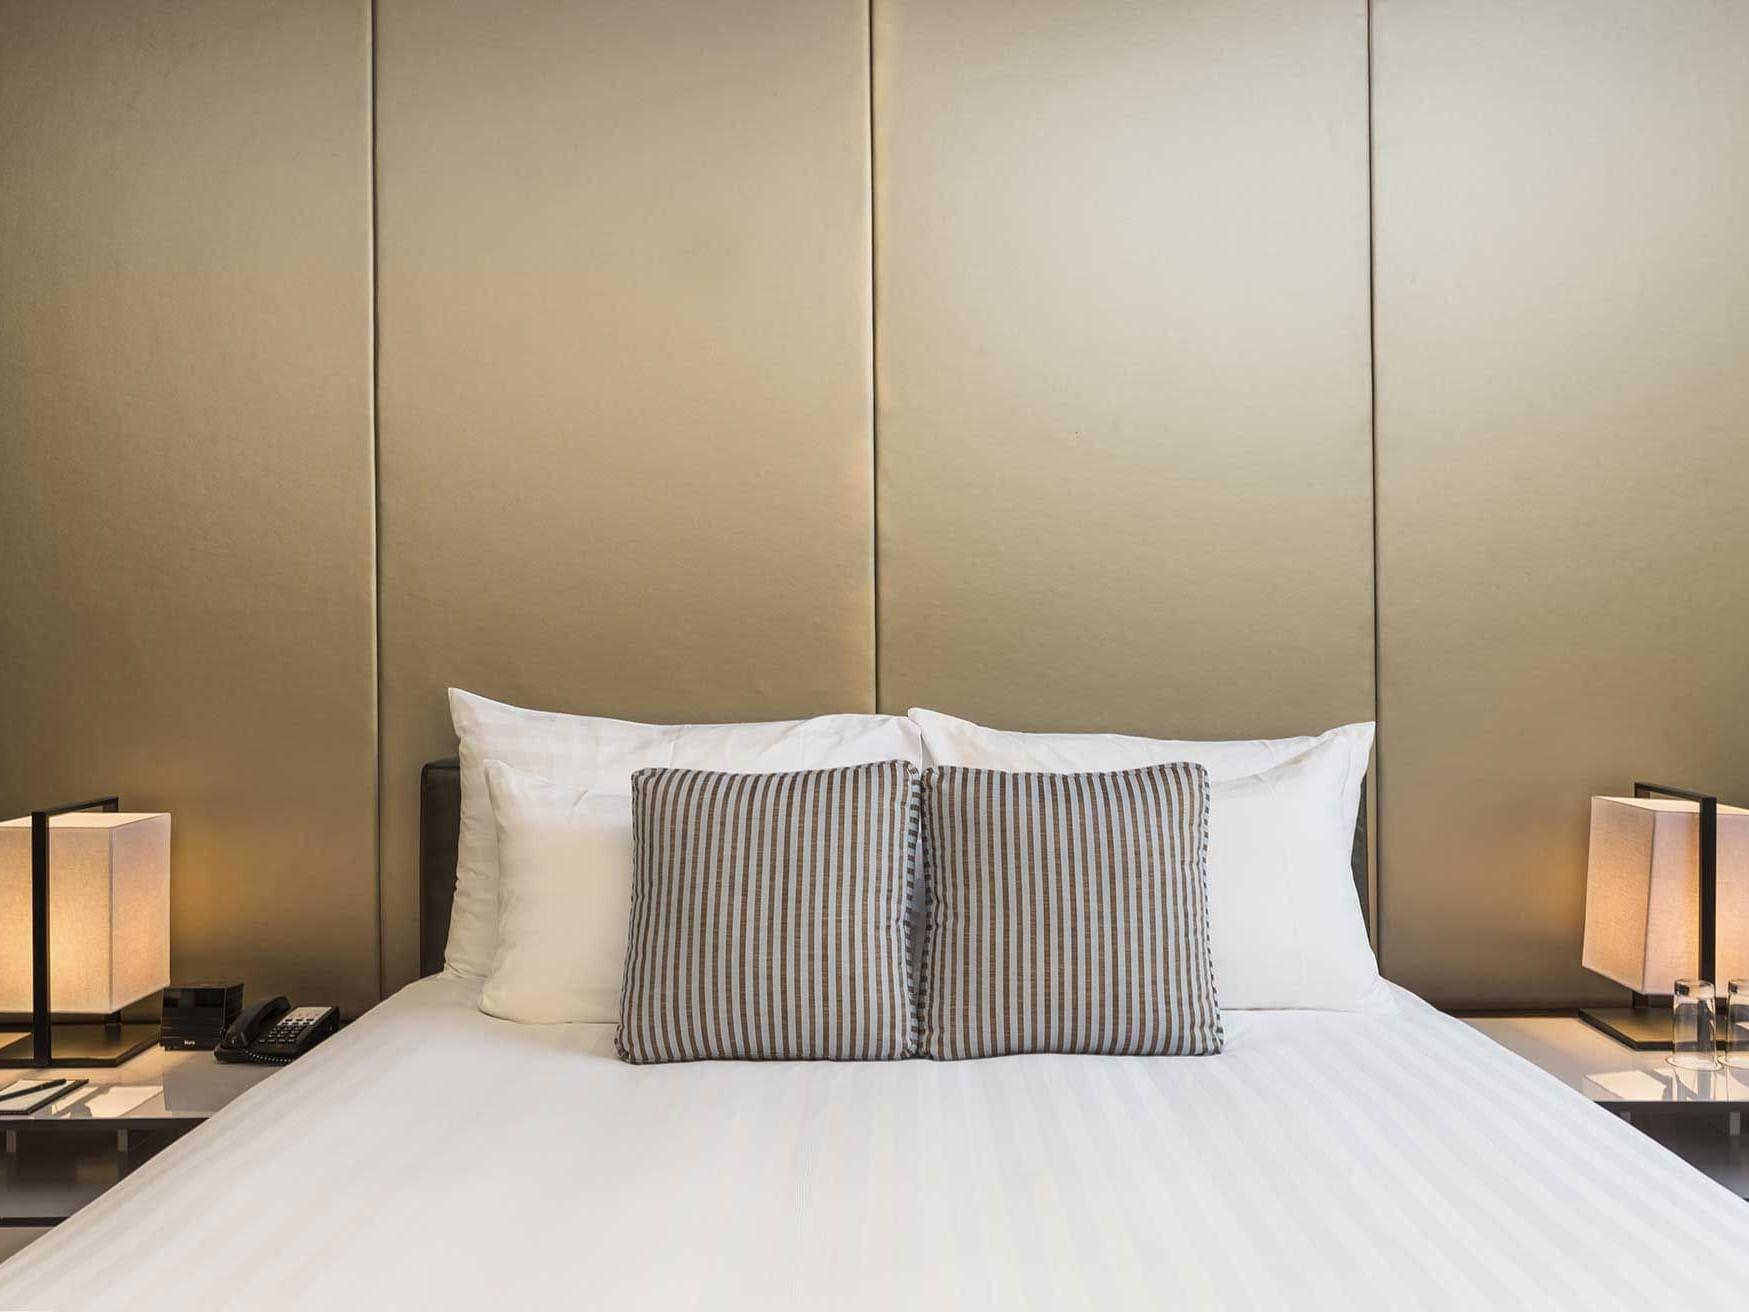 Two bed executive suite park view Emporium suite by Chatrium